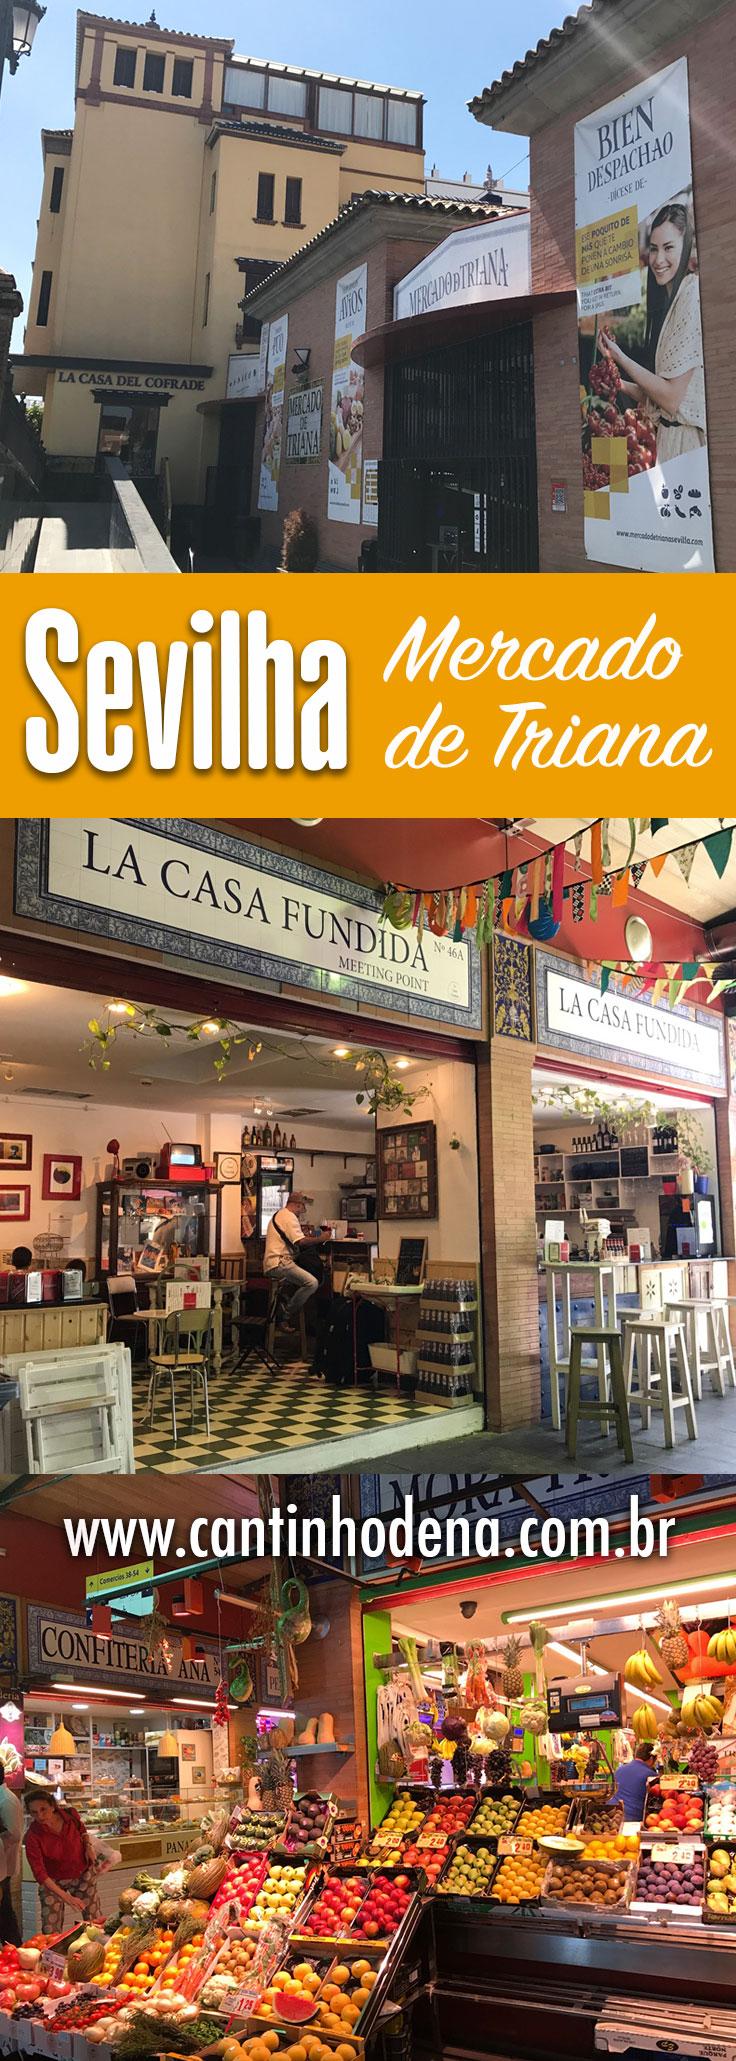 Mercado de Triana em Sevilha